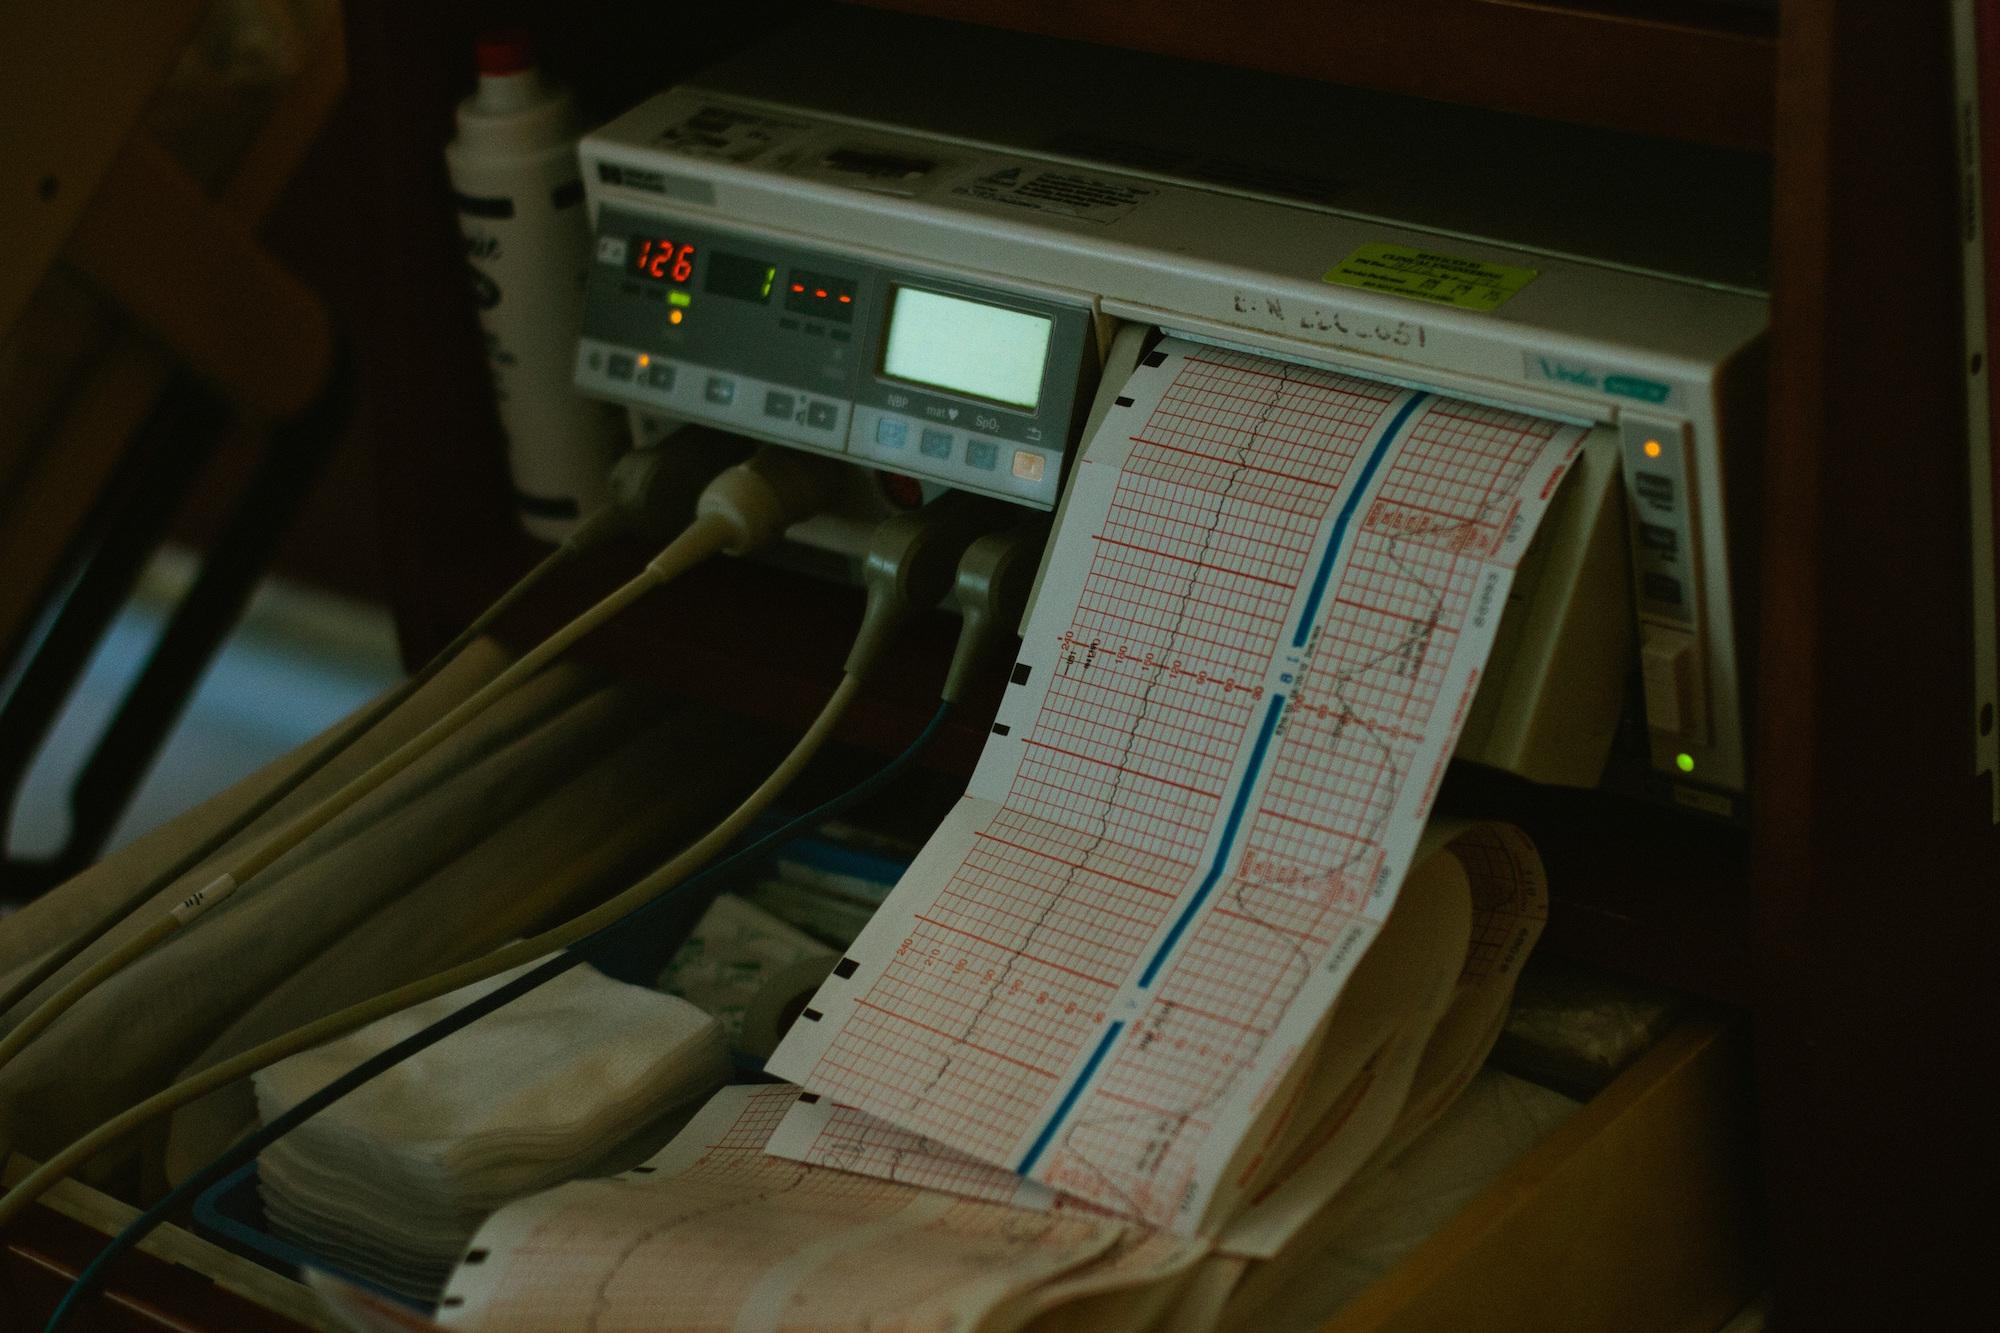 Gerät in einem Krankenhaus